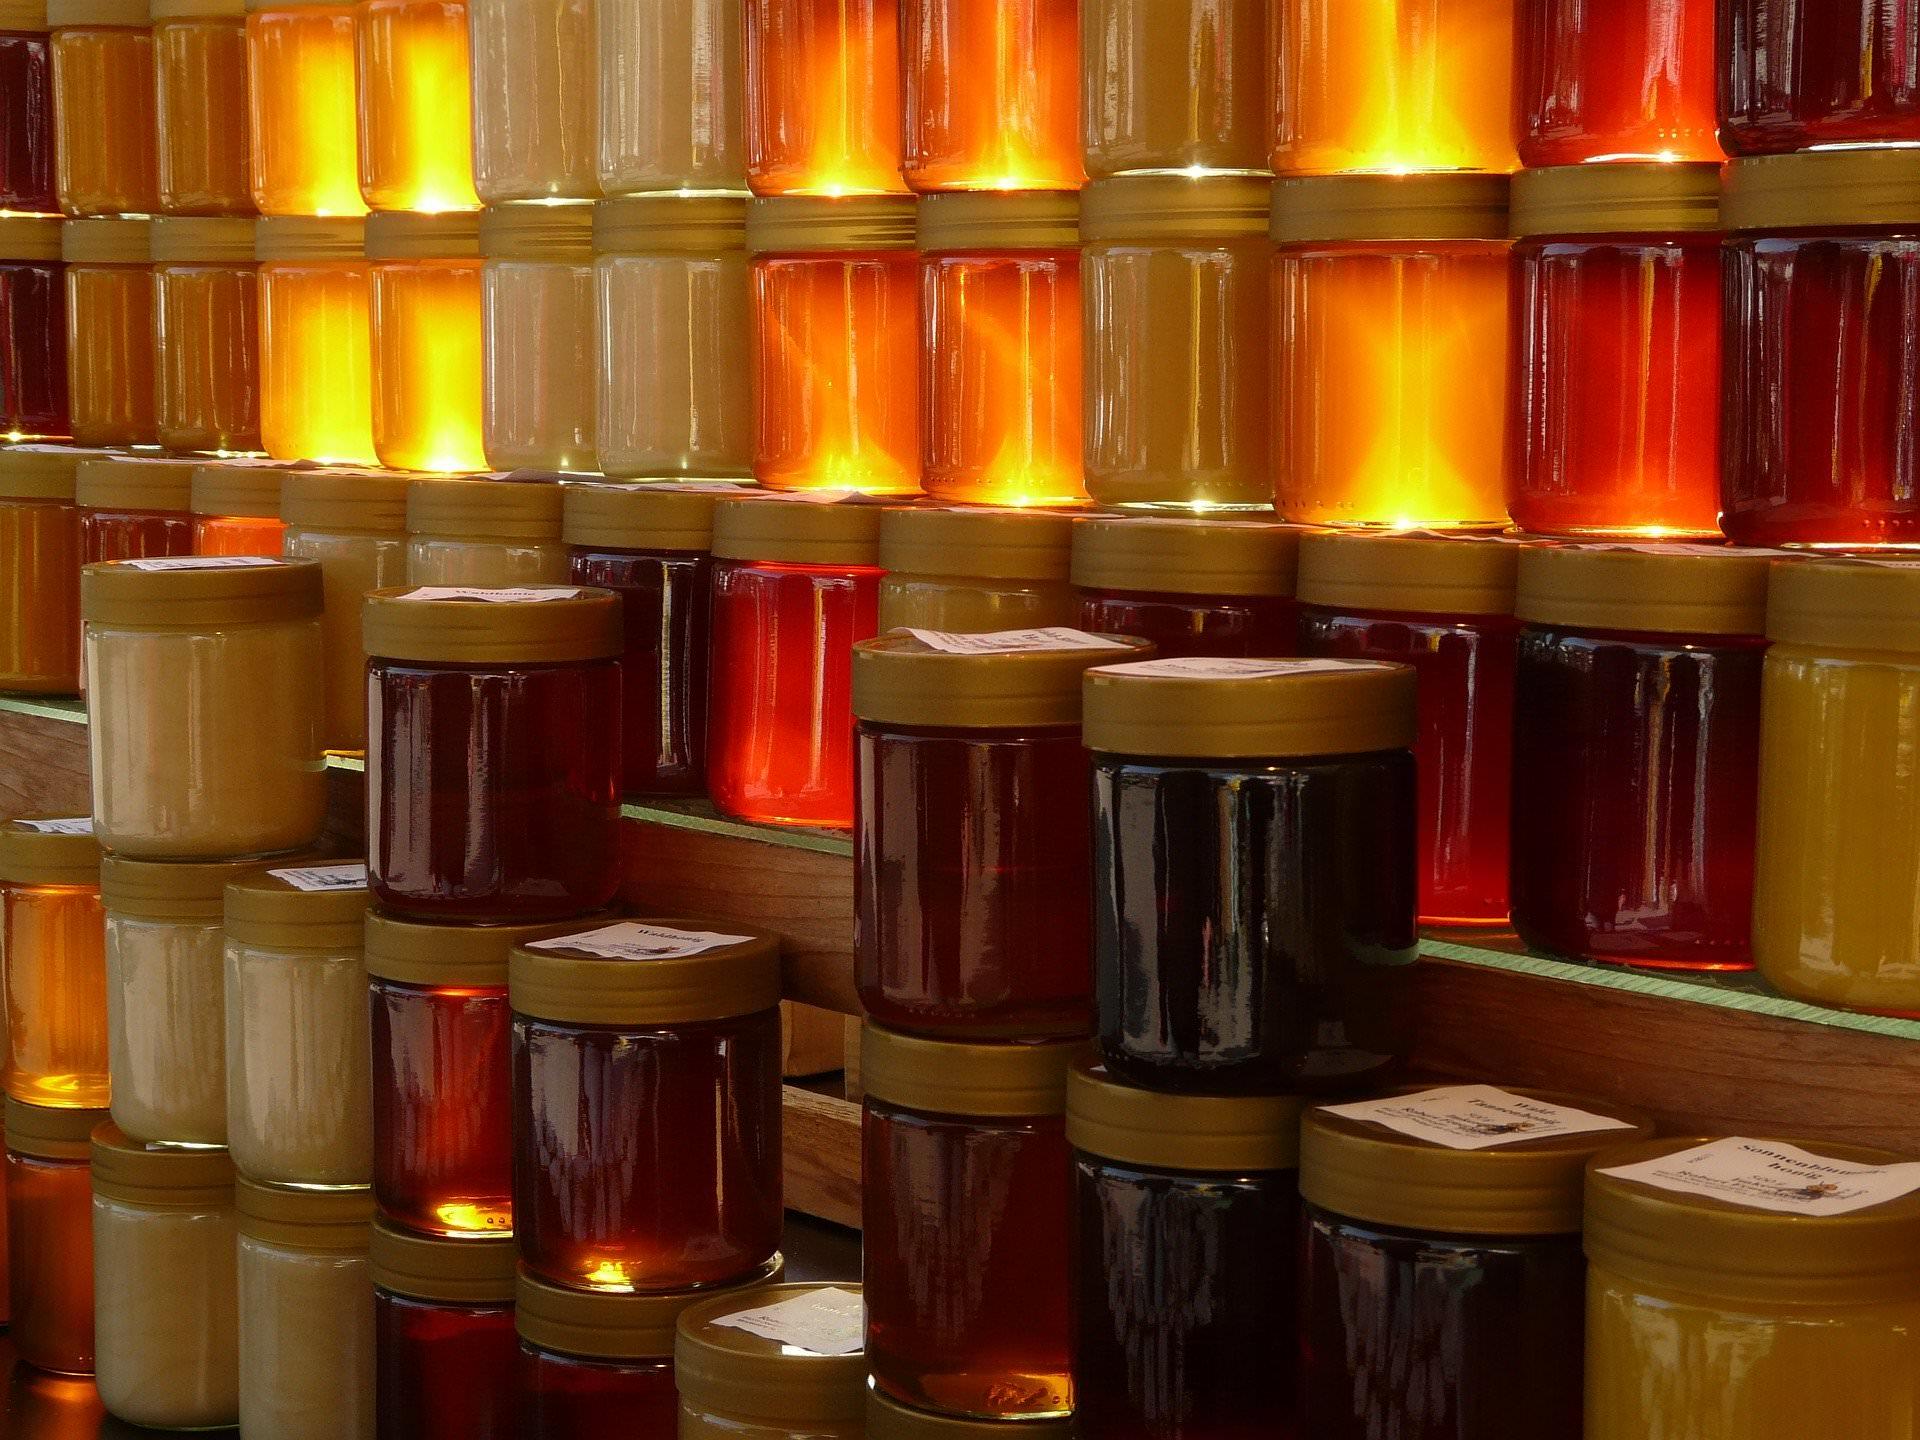 Comercializar mel sen rexistro sanitario